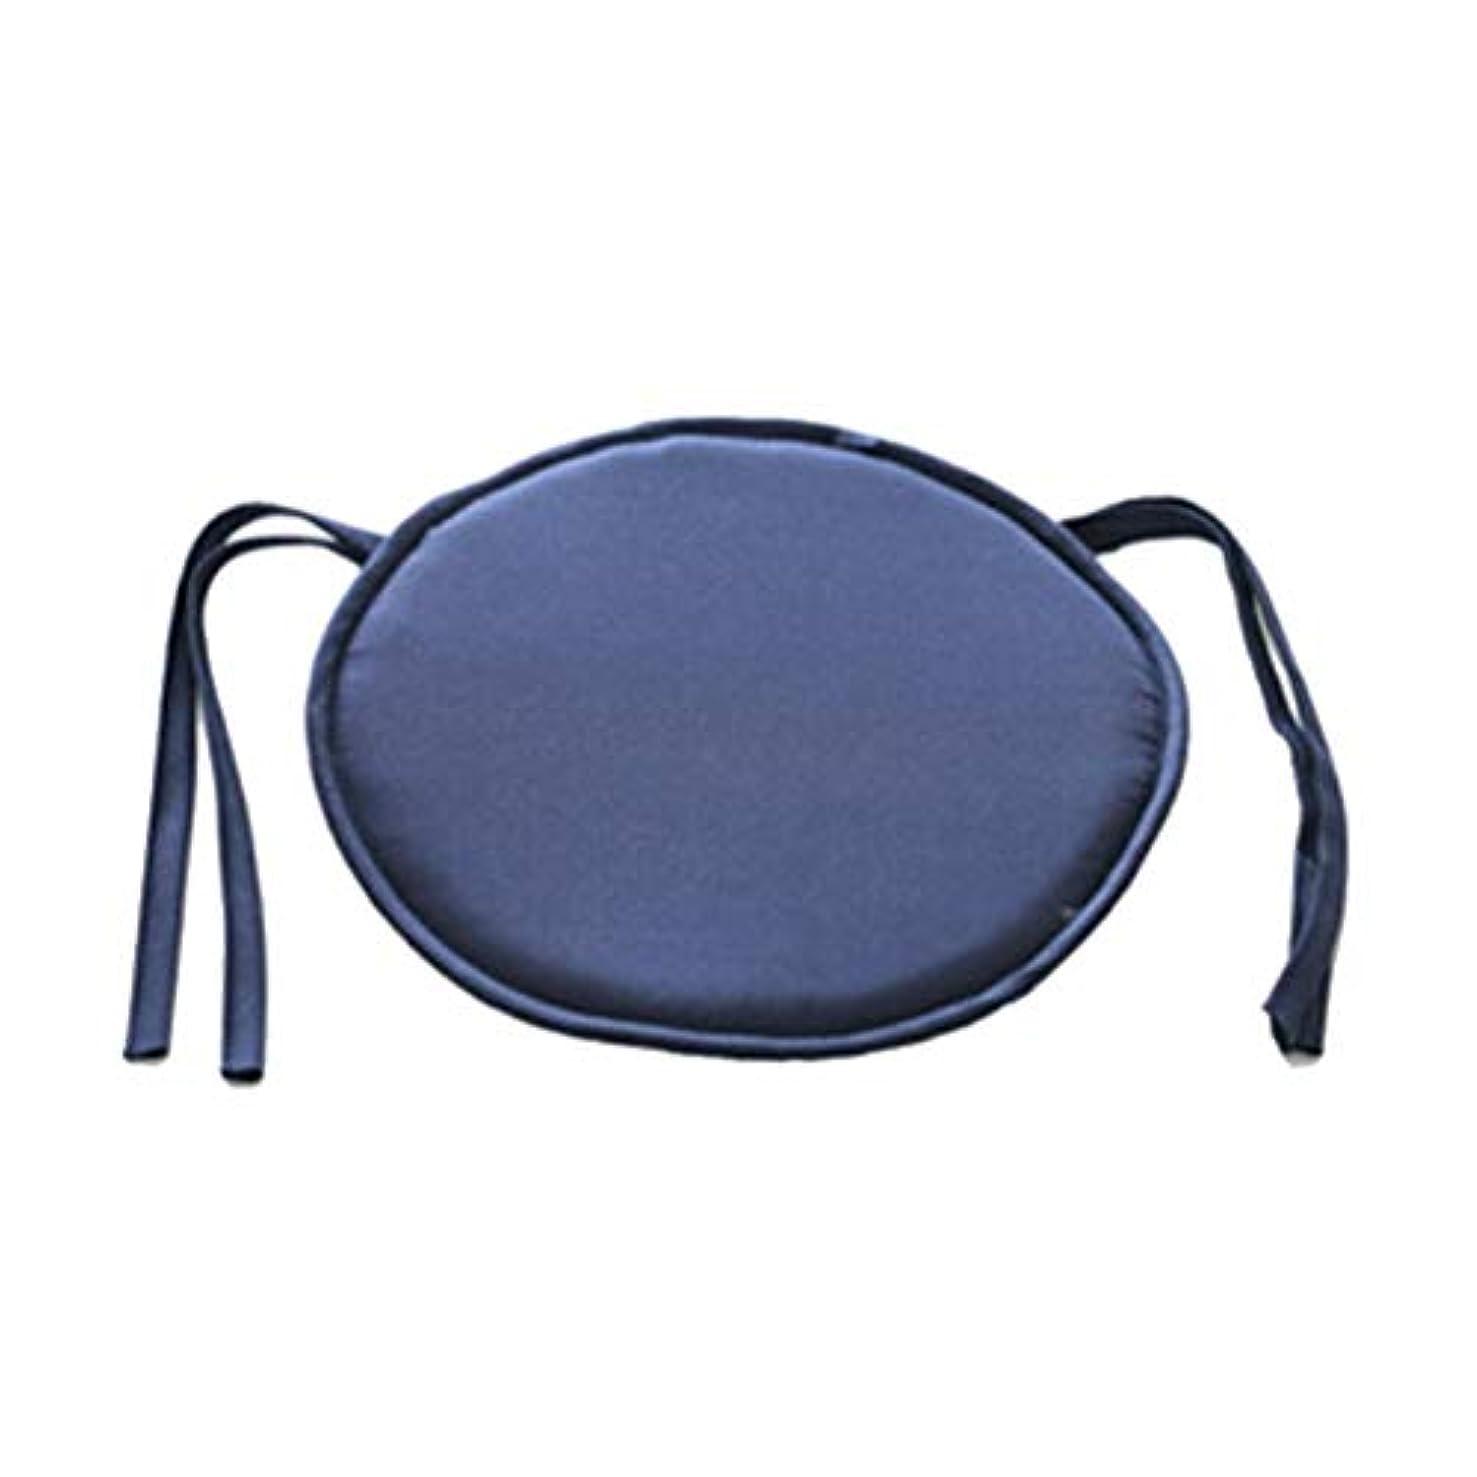 小数配る荒涼としたLIFE ホット販売ラウンドチェアクッション屋内ポップパティオオフィスチェアシートパッドネクタイスクエアガーデンキッチンダイニングクッション クッション 椅子